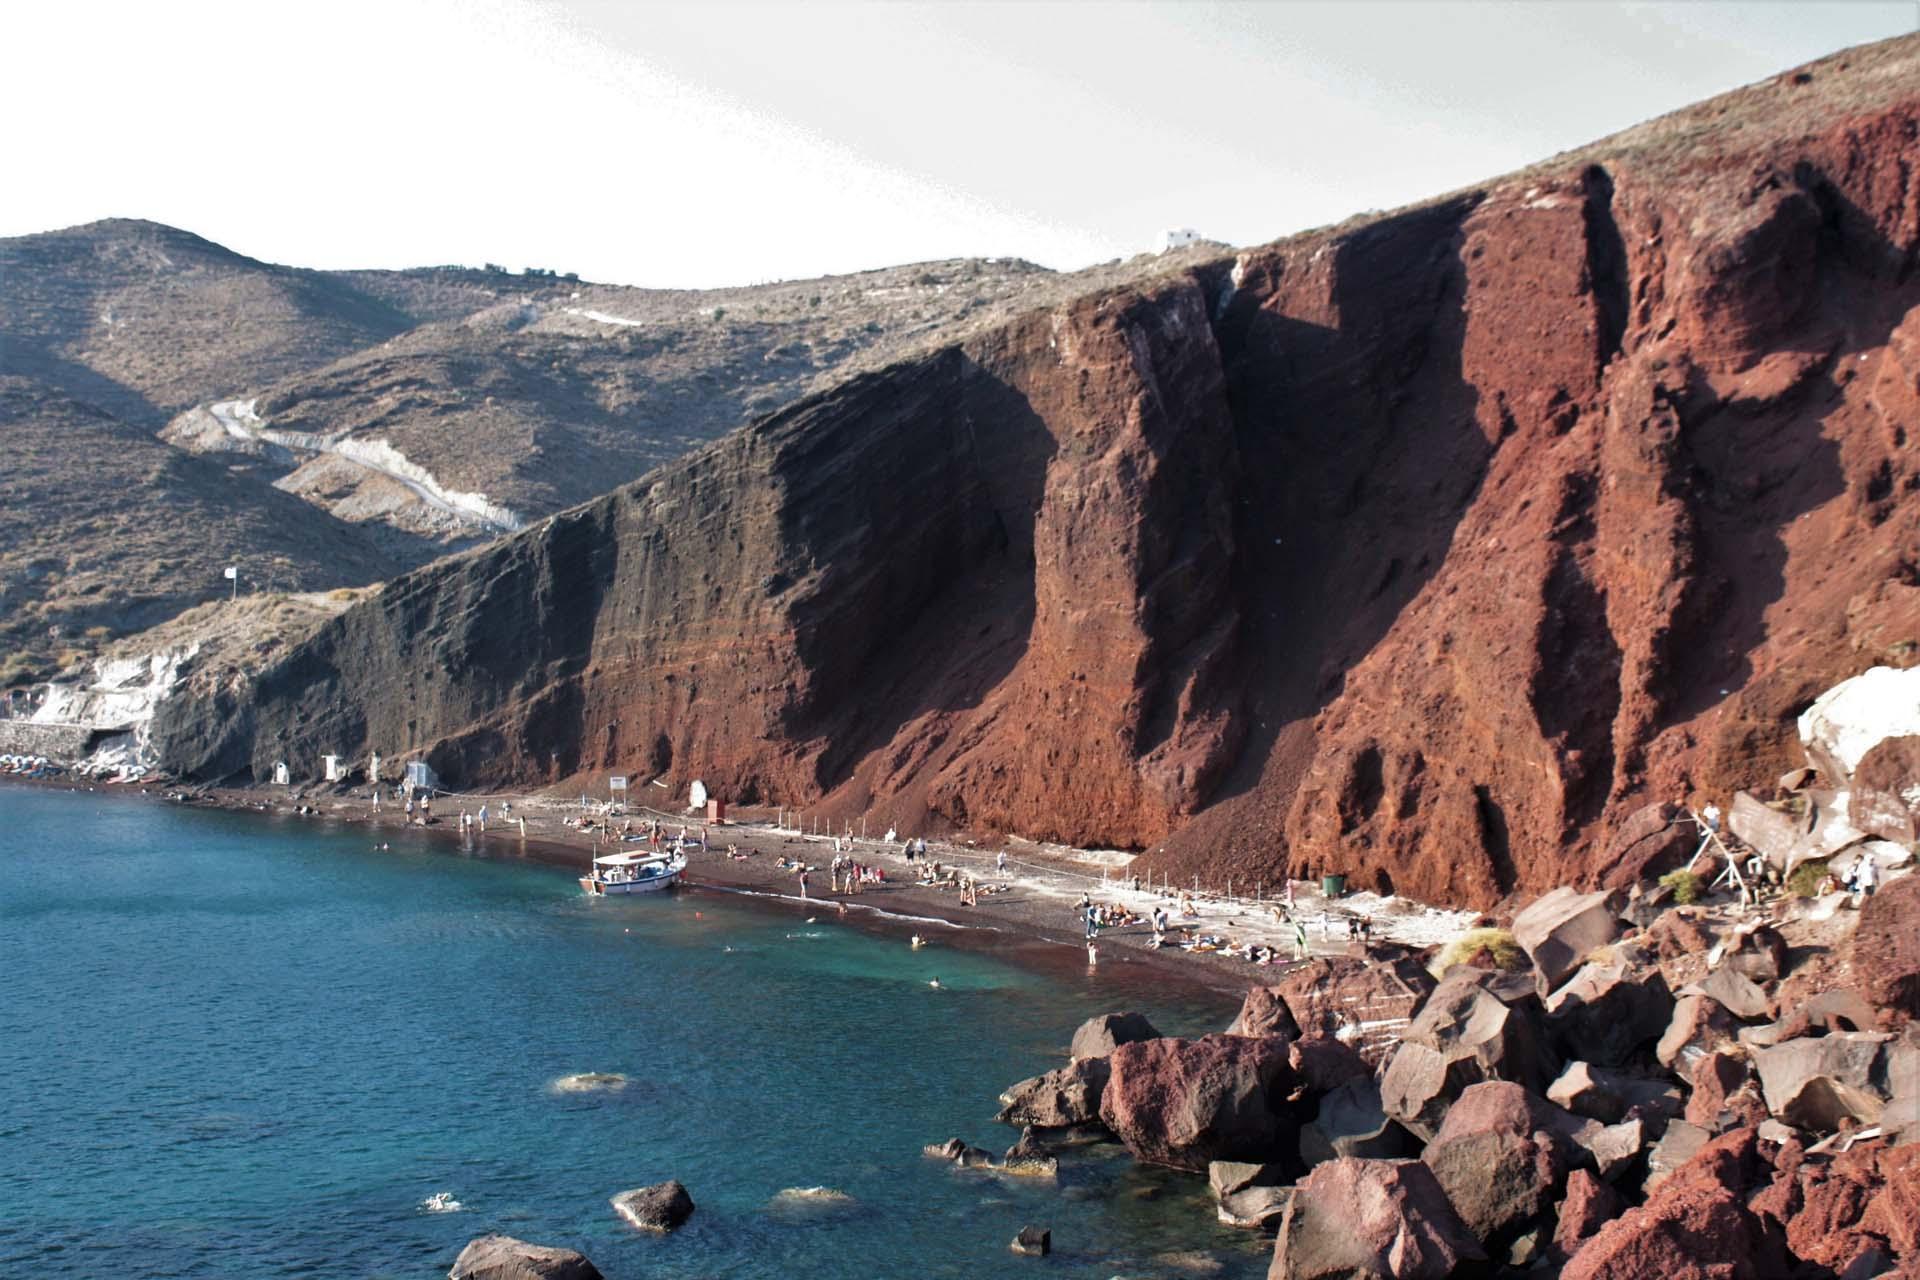 La spiaggia rossa a Santorini roccia vulcanica